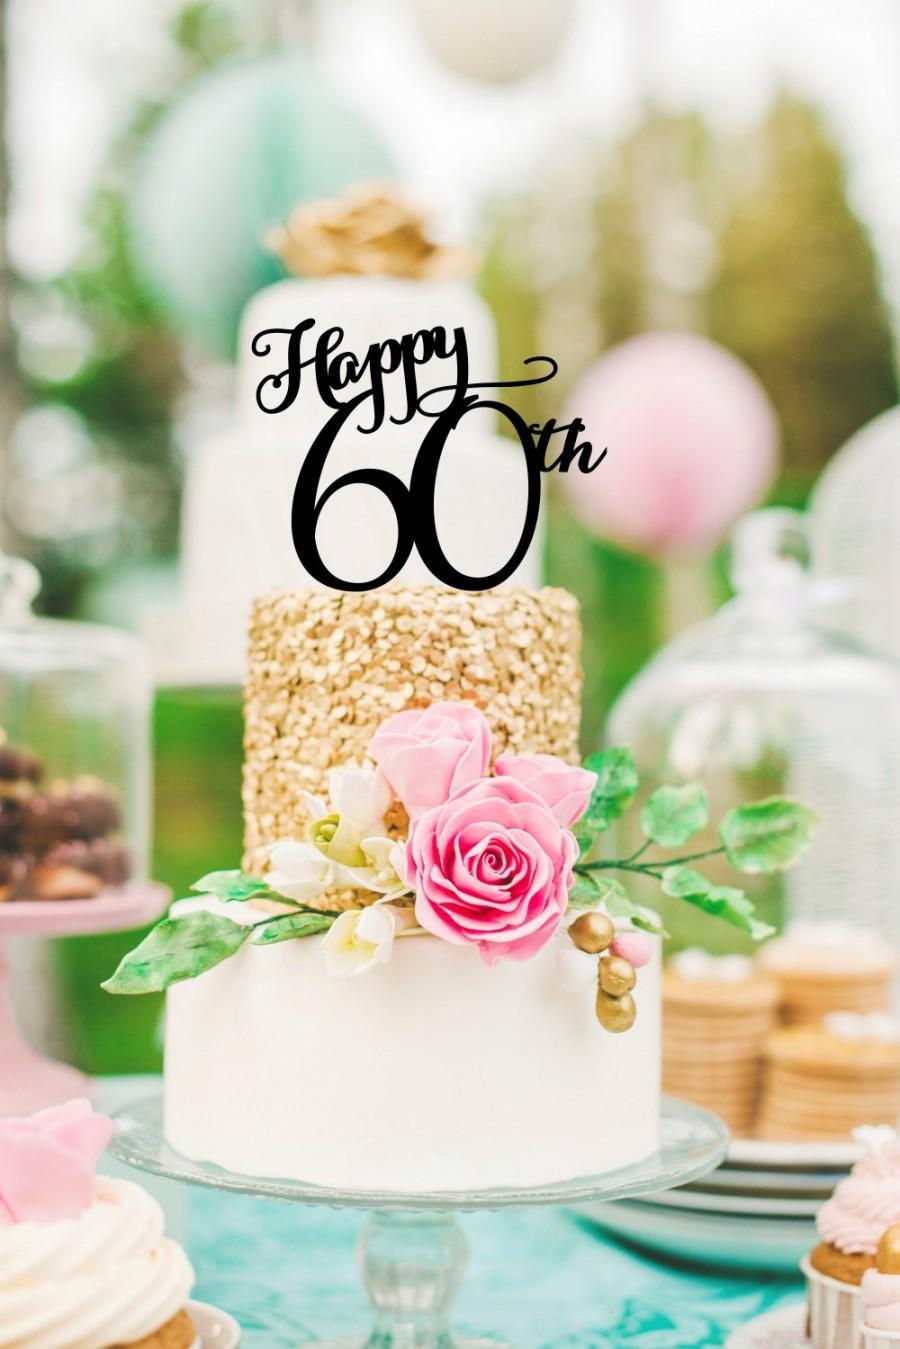 زفاف - Happy 60th Birthday or Anniversary Cake Topper